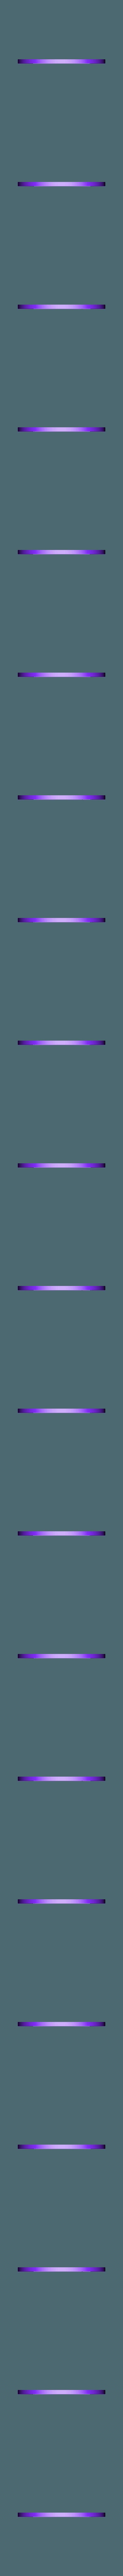 Harry_body.STL Télécharger fichier STL gratuit Sous-verres multicolores Harry Potter • Design pour impression 3D, MosaicManufacturing